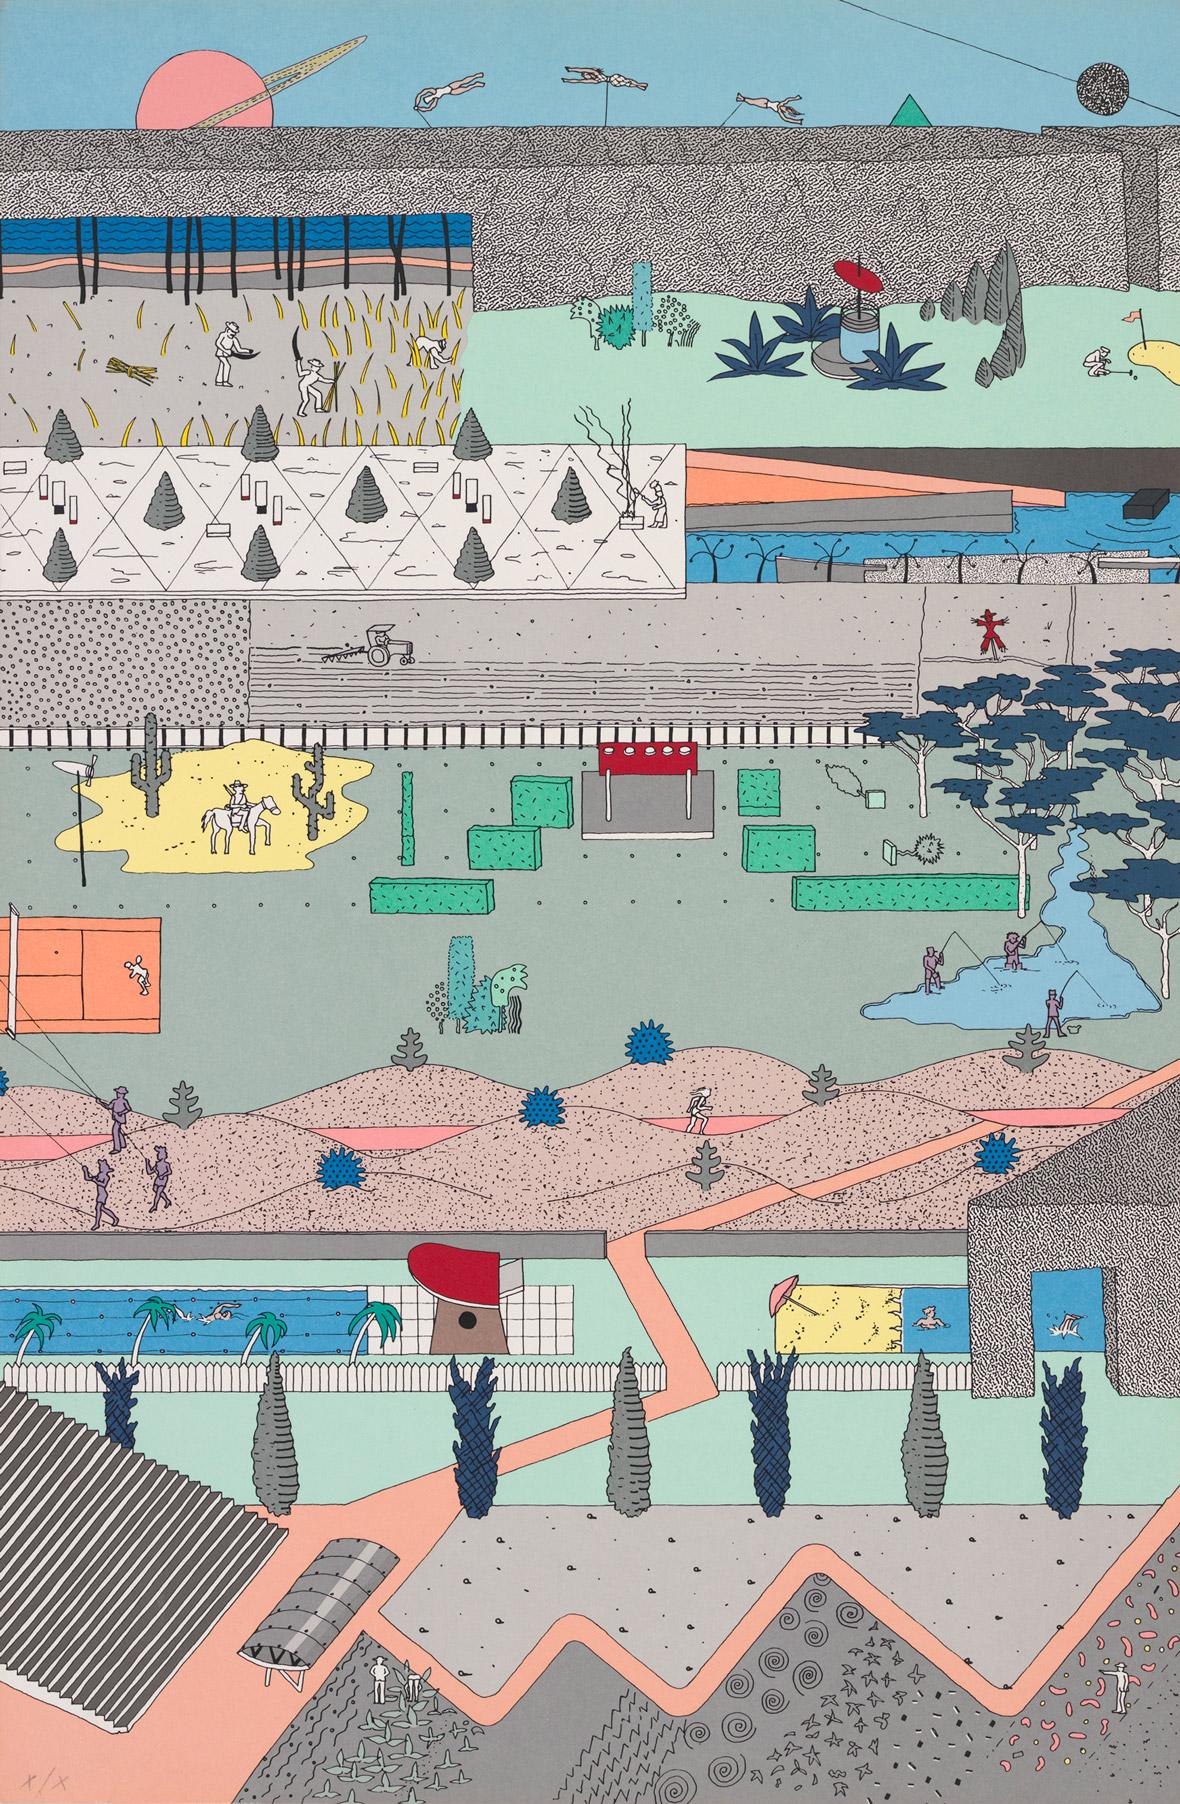 """Alex Wall, Office for Metropolitan Architecture (OMA), """"The Pleasure of Architecture,"""" 1983. Cartel realizado con los dibujos presentados al concurso del Parque de la Villette, París, 1982–83. Serigrafia de color en papel, 30 11/16 x 20 3/16"""". Colección del Archivo de Alvin Boyarsky. © OMA"""